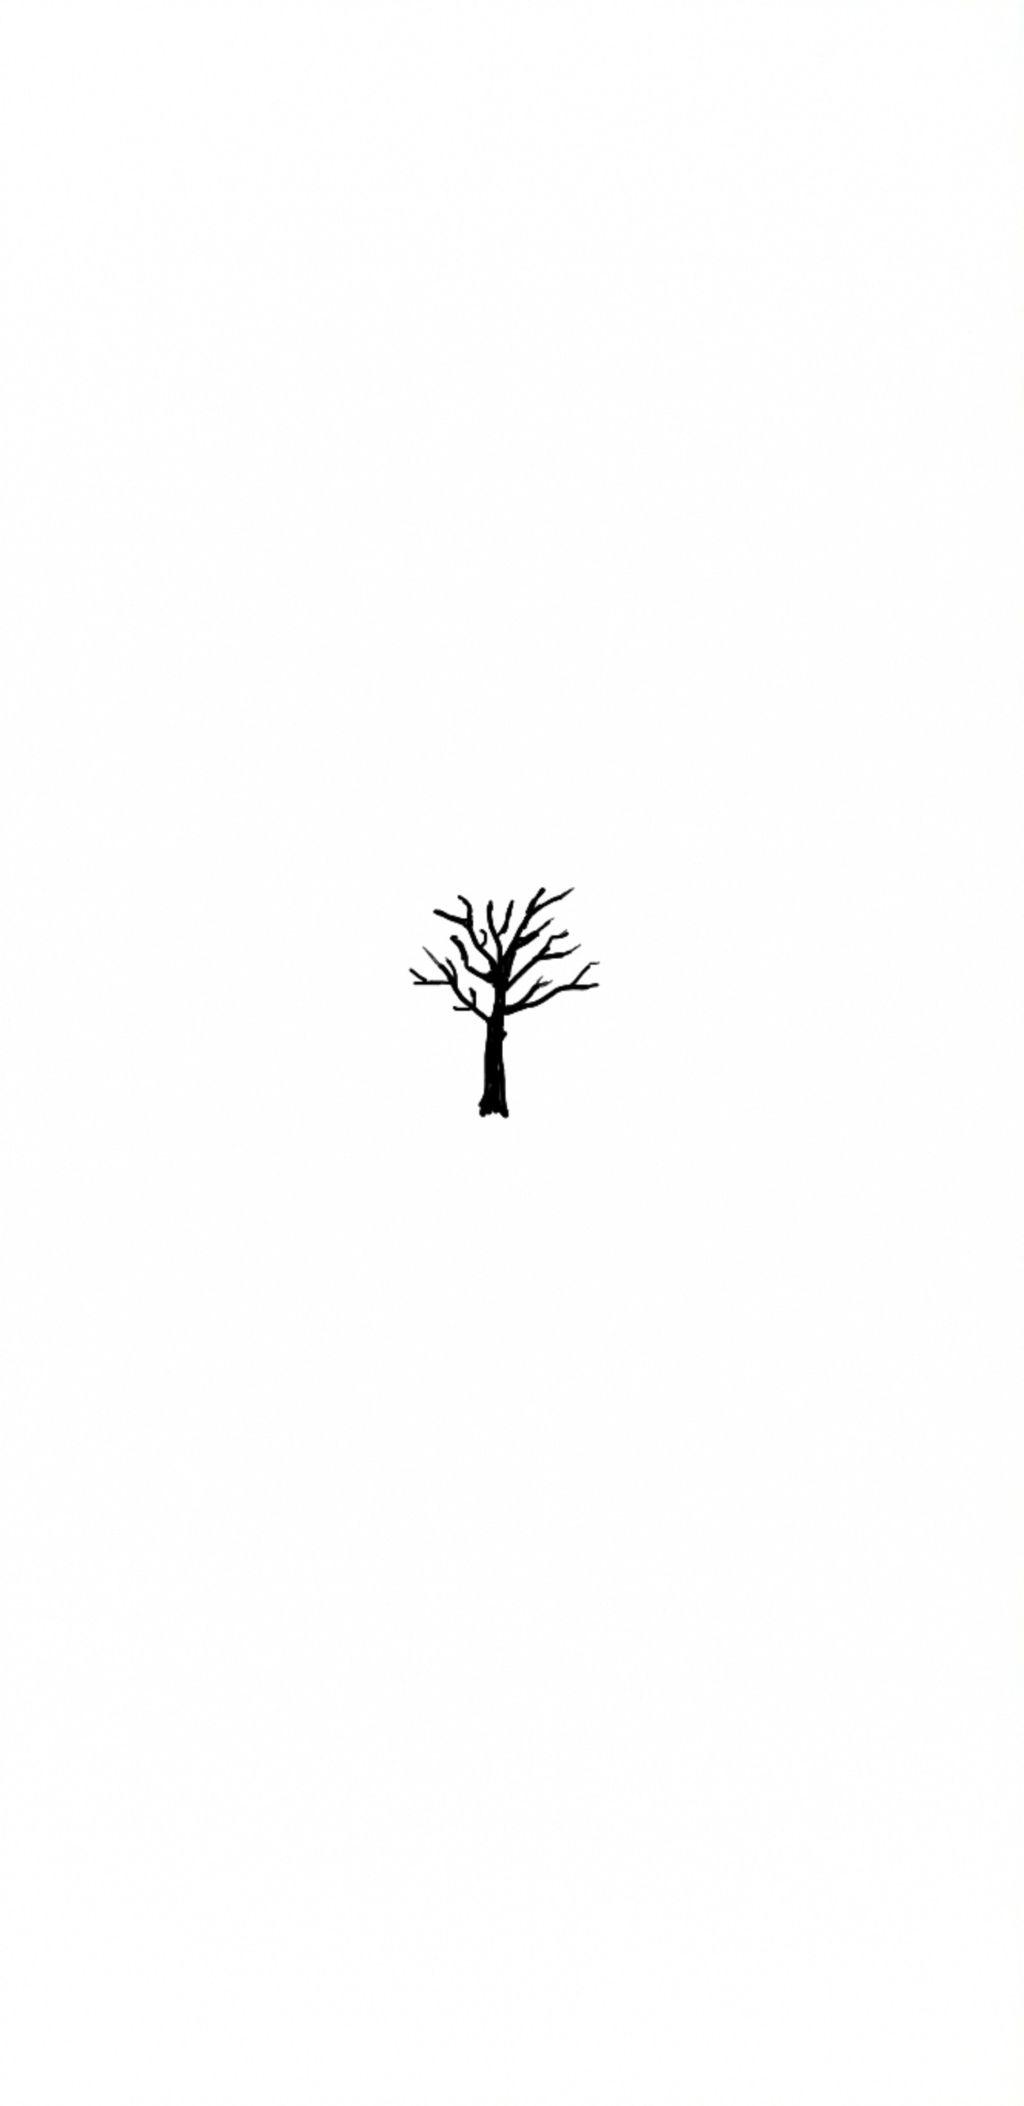 freetoedit Xxxtentacion tree tattoo.